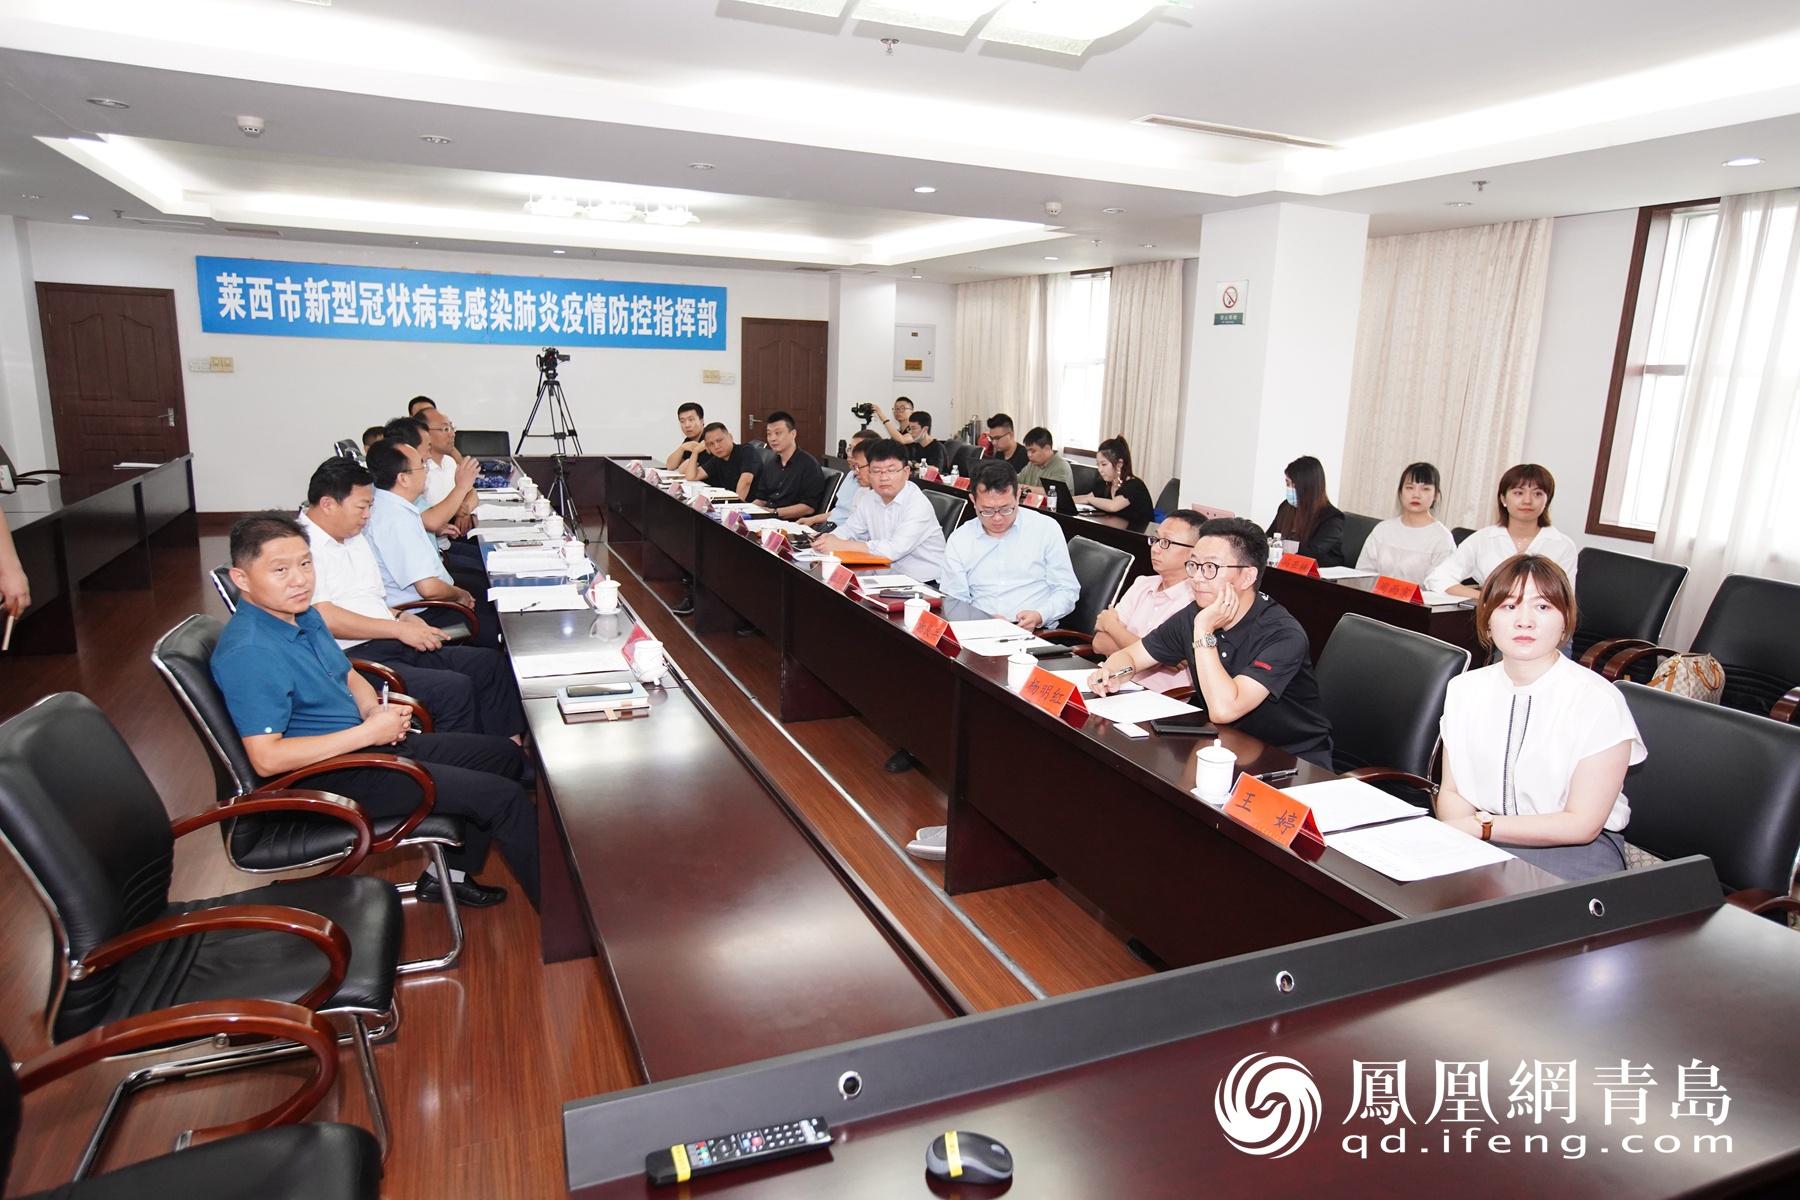 中国信通院工业互联网与物联网研究所所长金键:莱西突围工业互联网 要做好对企业的服务支撑